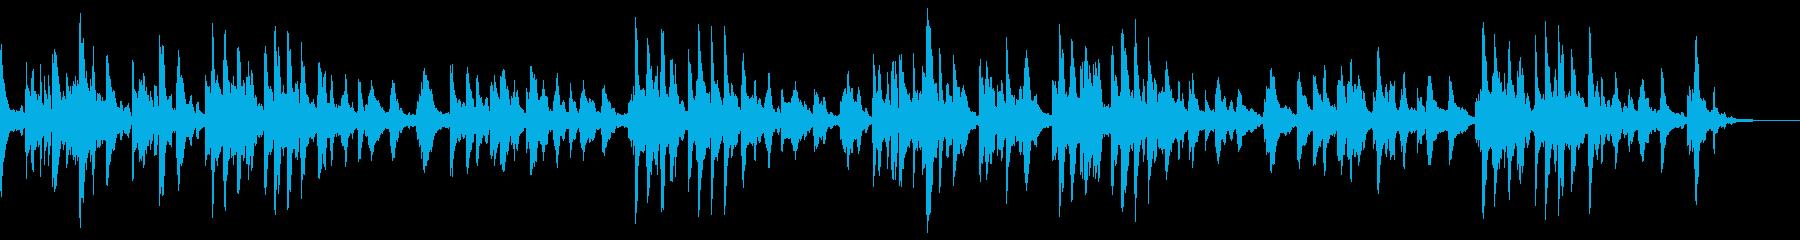 ジャズ風なピアノバラードの再生済みの波形